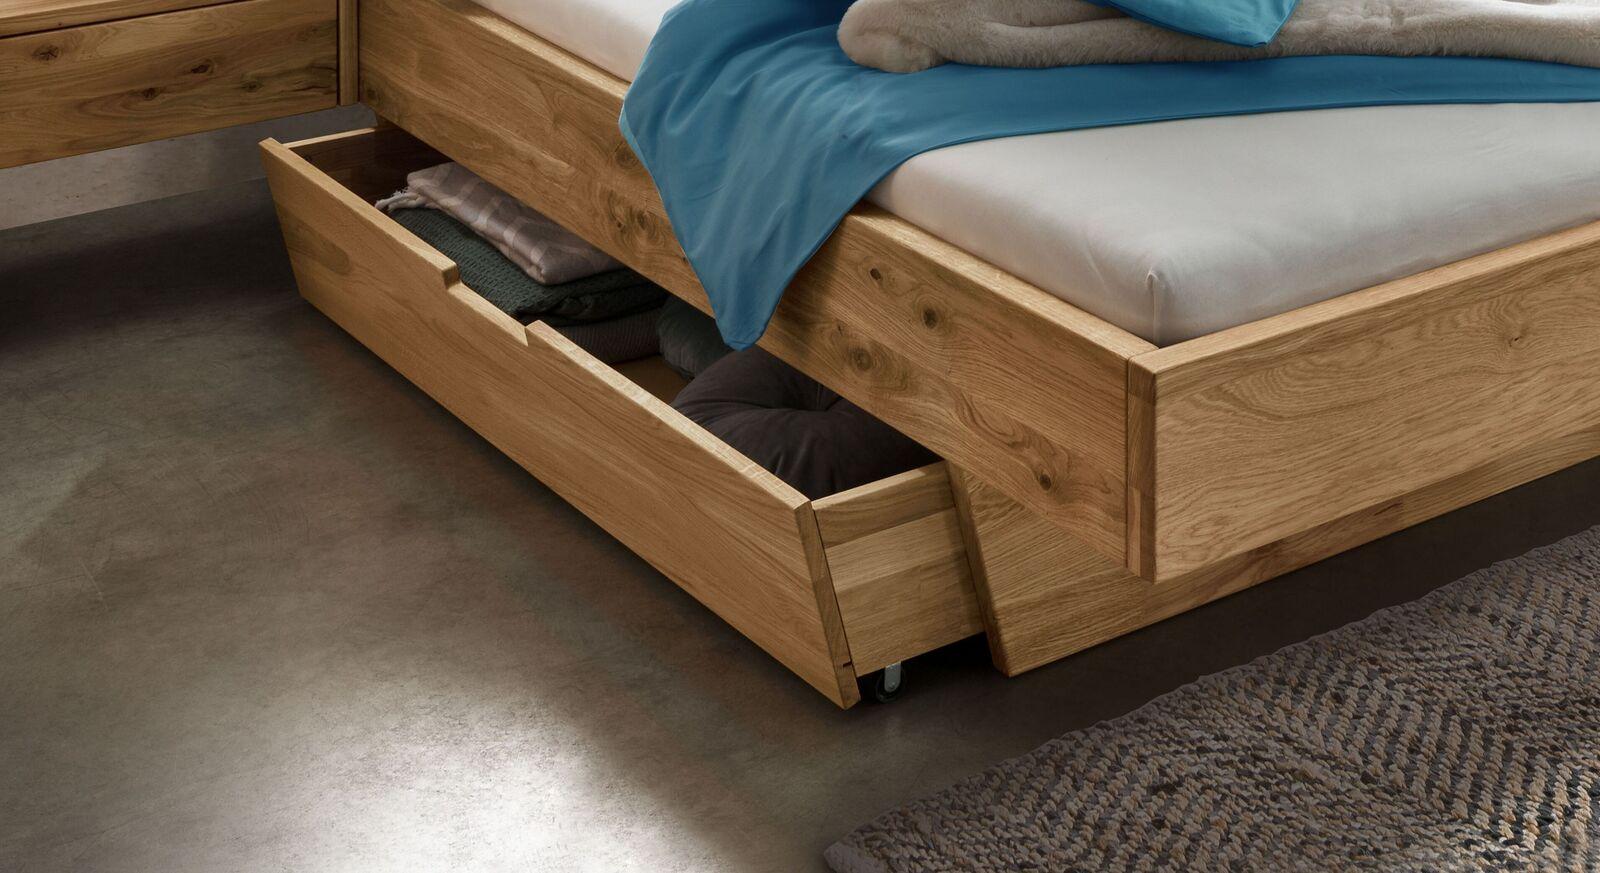 Schubkasten-Bett Adrien mit beidseitig montierbarem Schubkasten